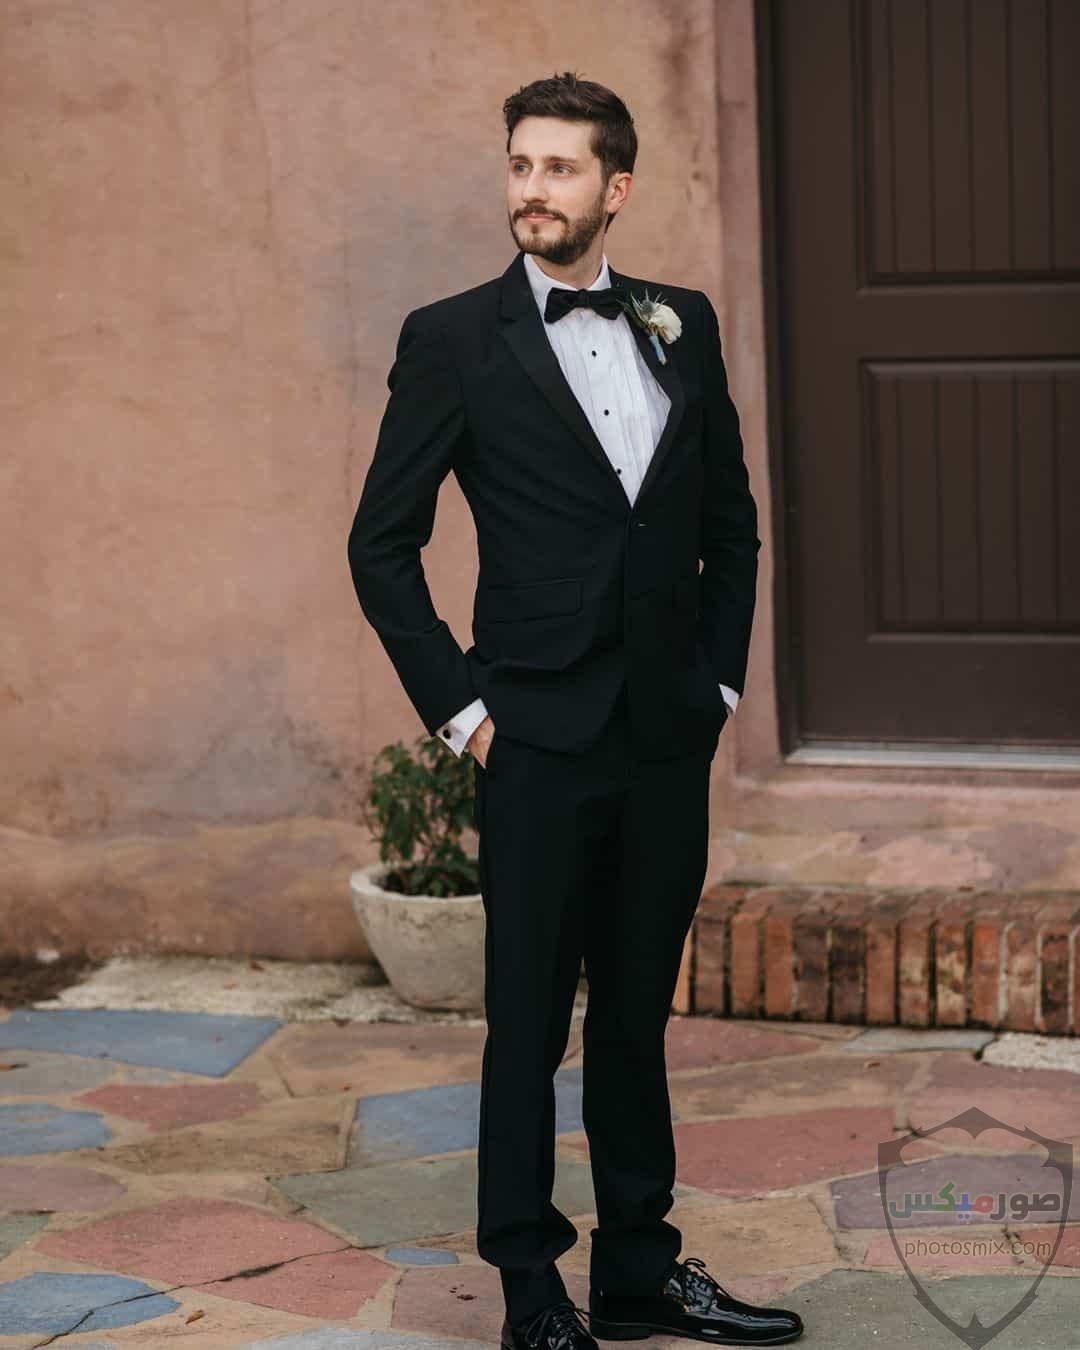 صور بدل موديلات البدل الايطالي الرجالي لعام 2020 52